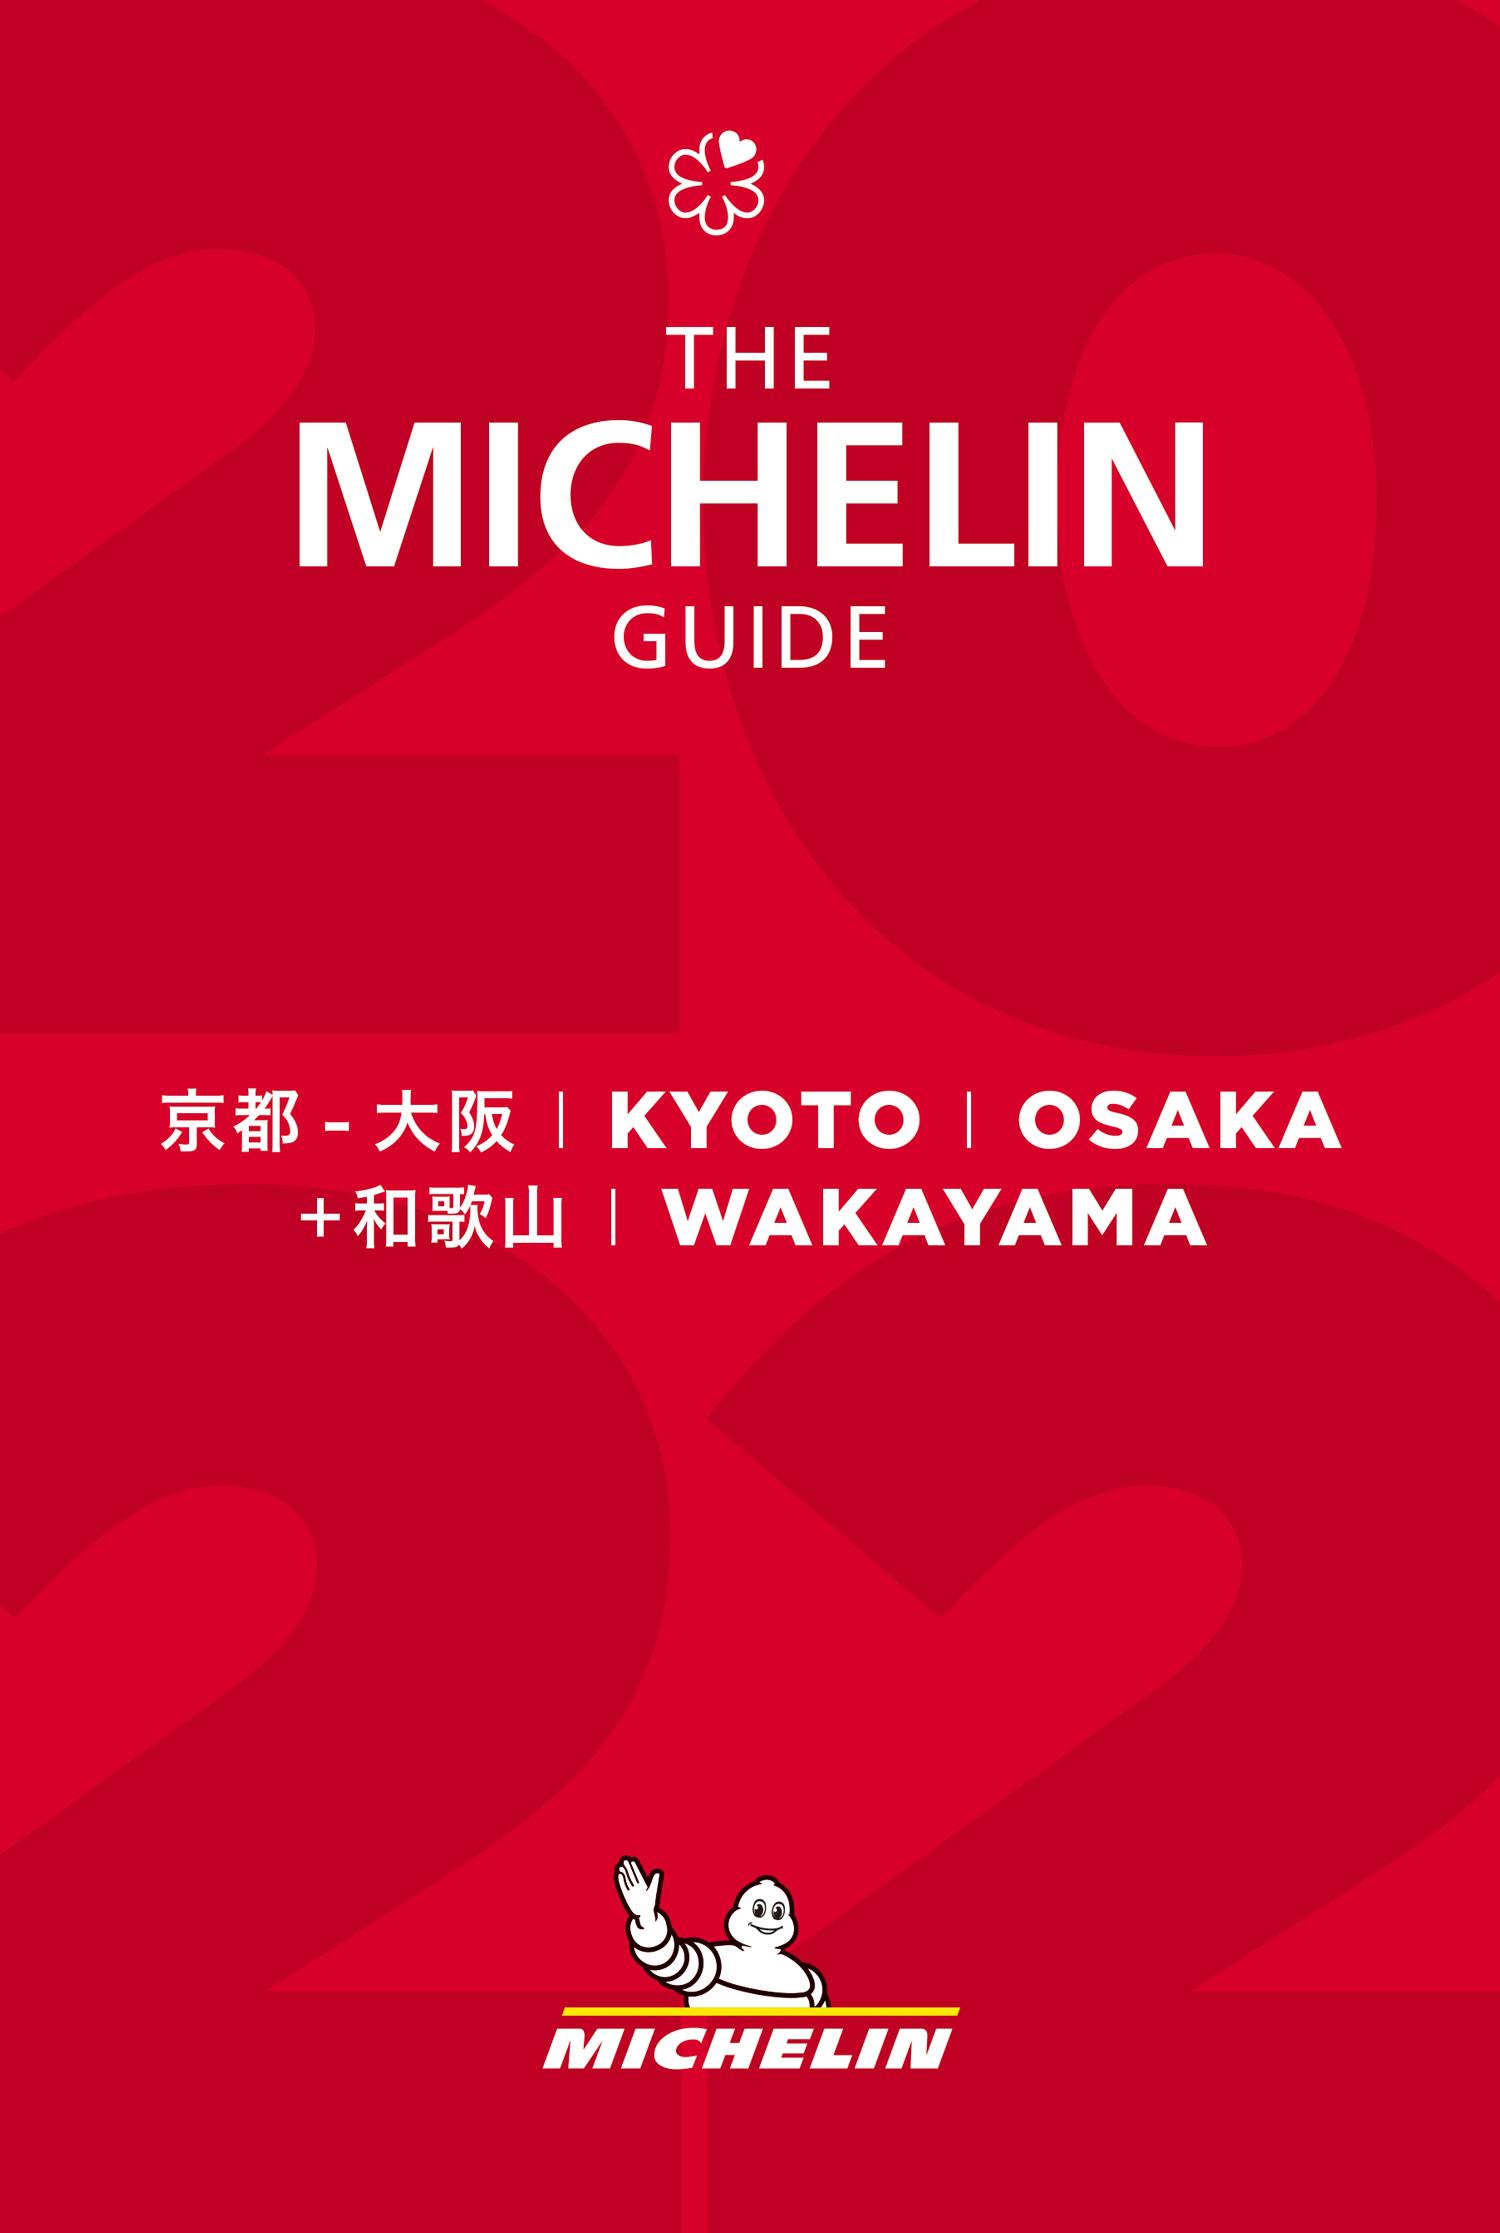 「ミシュランガイド京都・大阪+和歌山2022」表紙画像